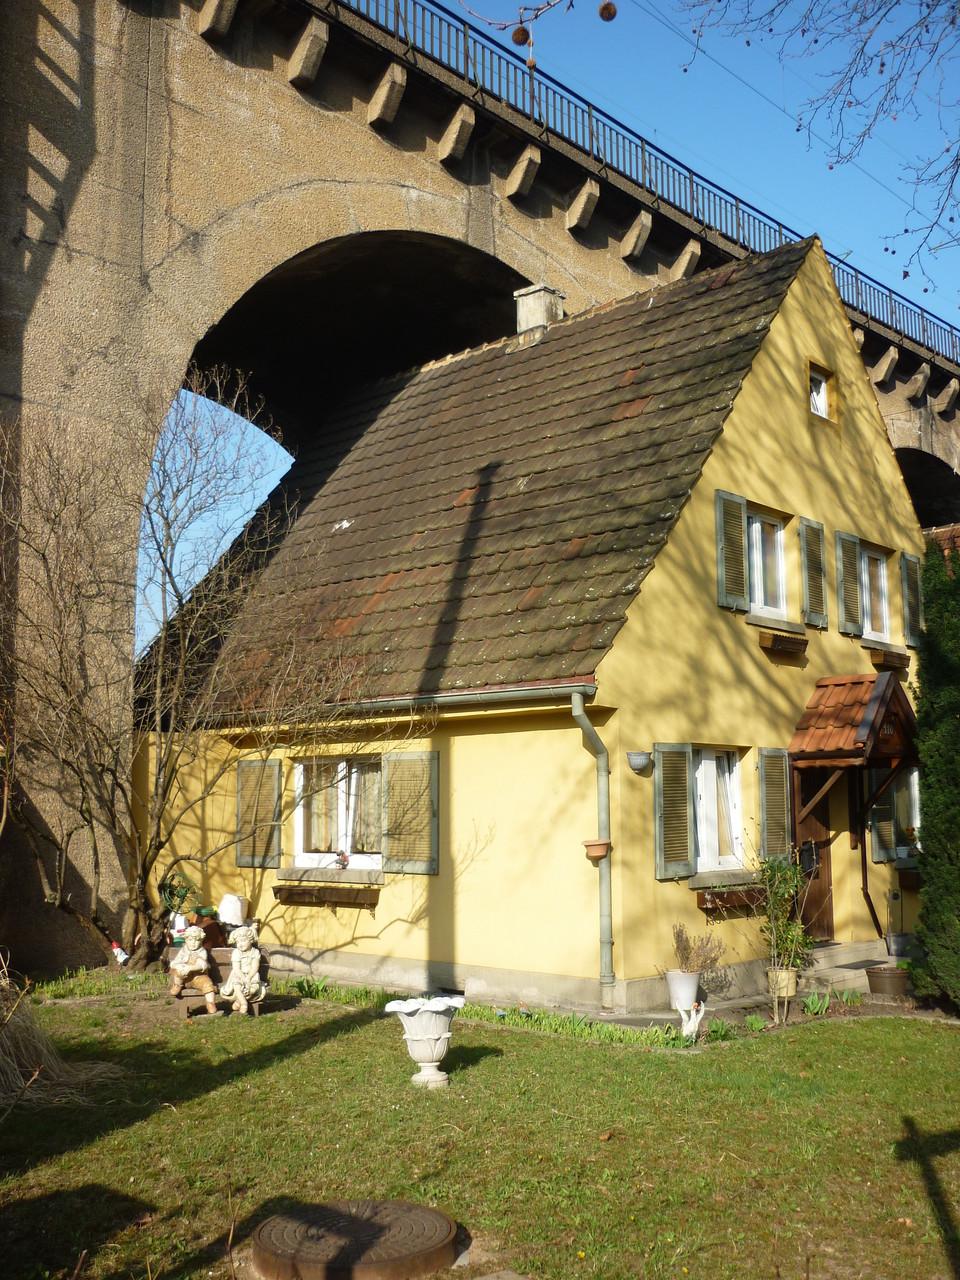 Unter Brücken leben im Stuttgarter Norden (Geschichte: Beobachtungen am Wegesrand)